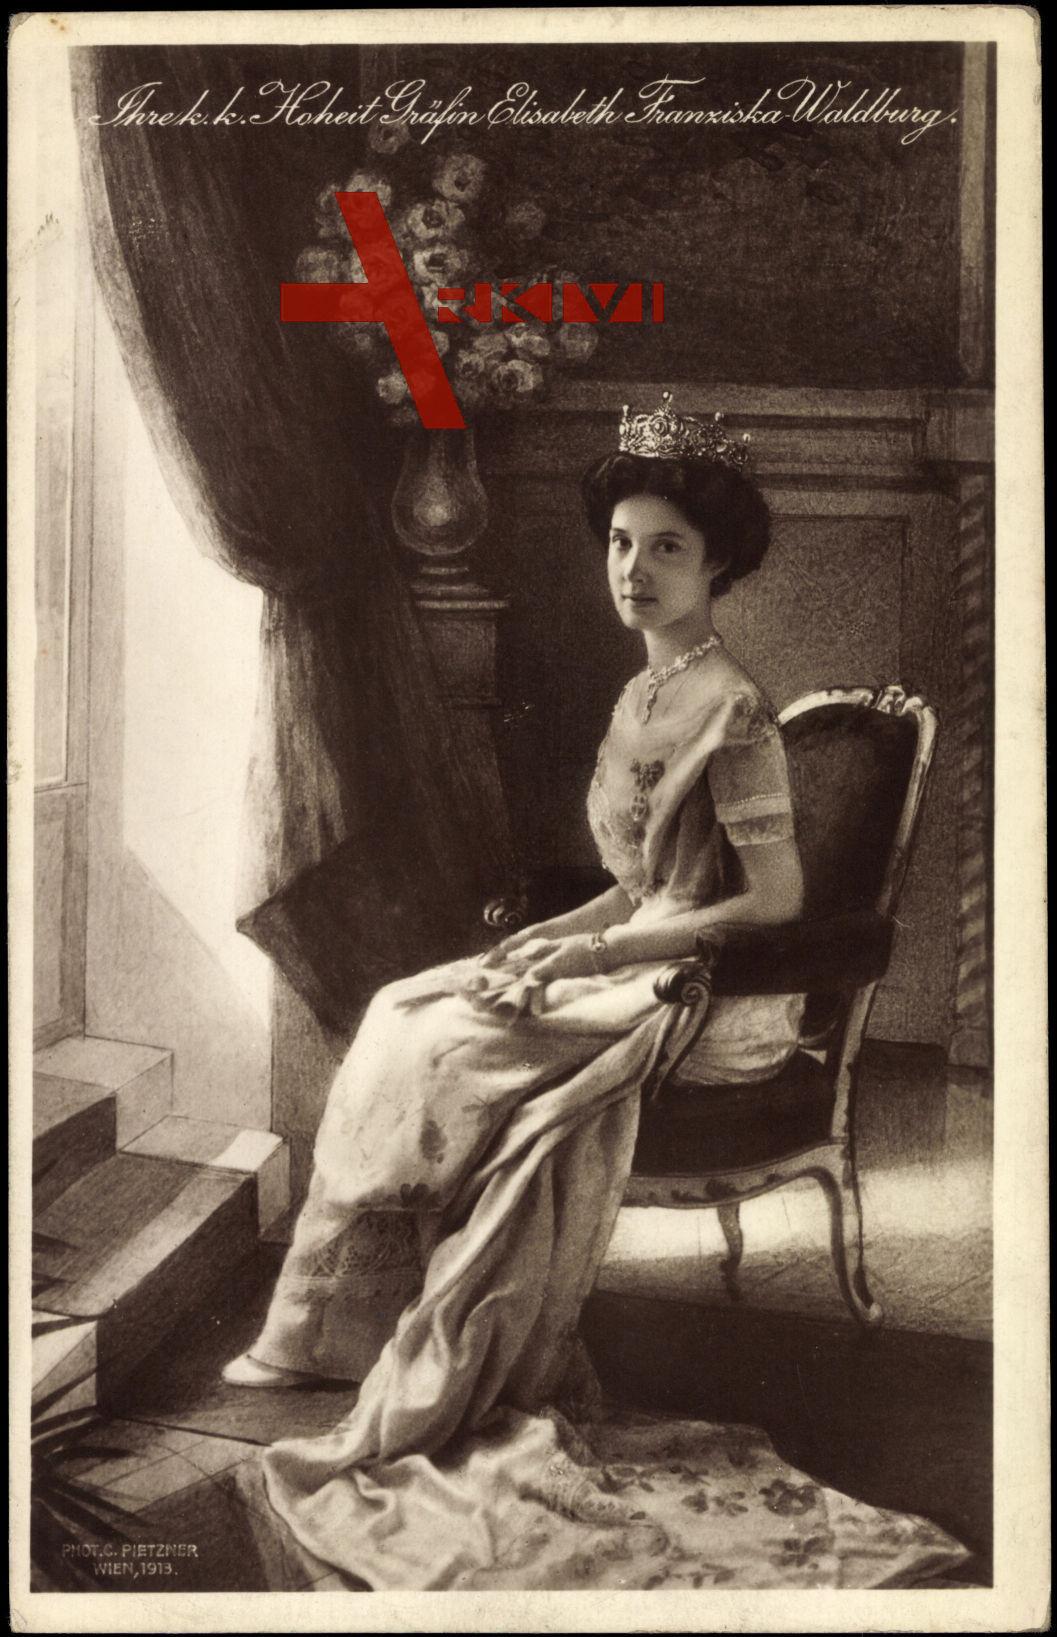 Gräfin Elisabeth Franziska Waldberg mit Krone